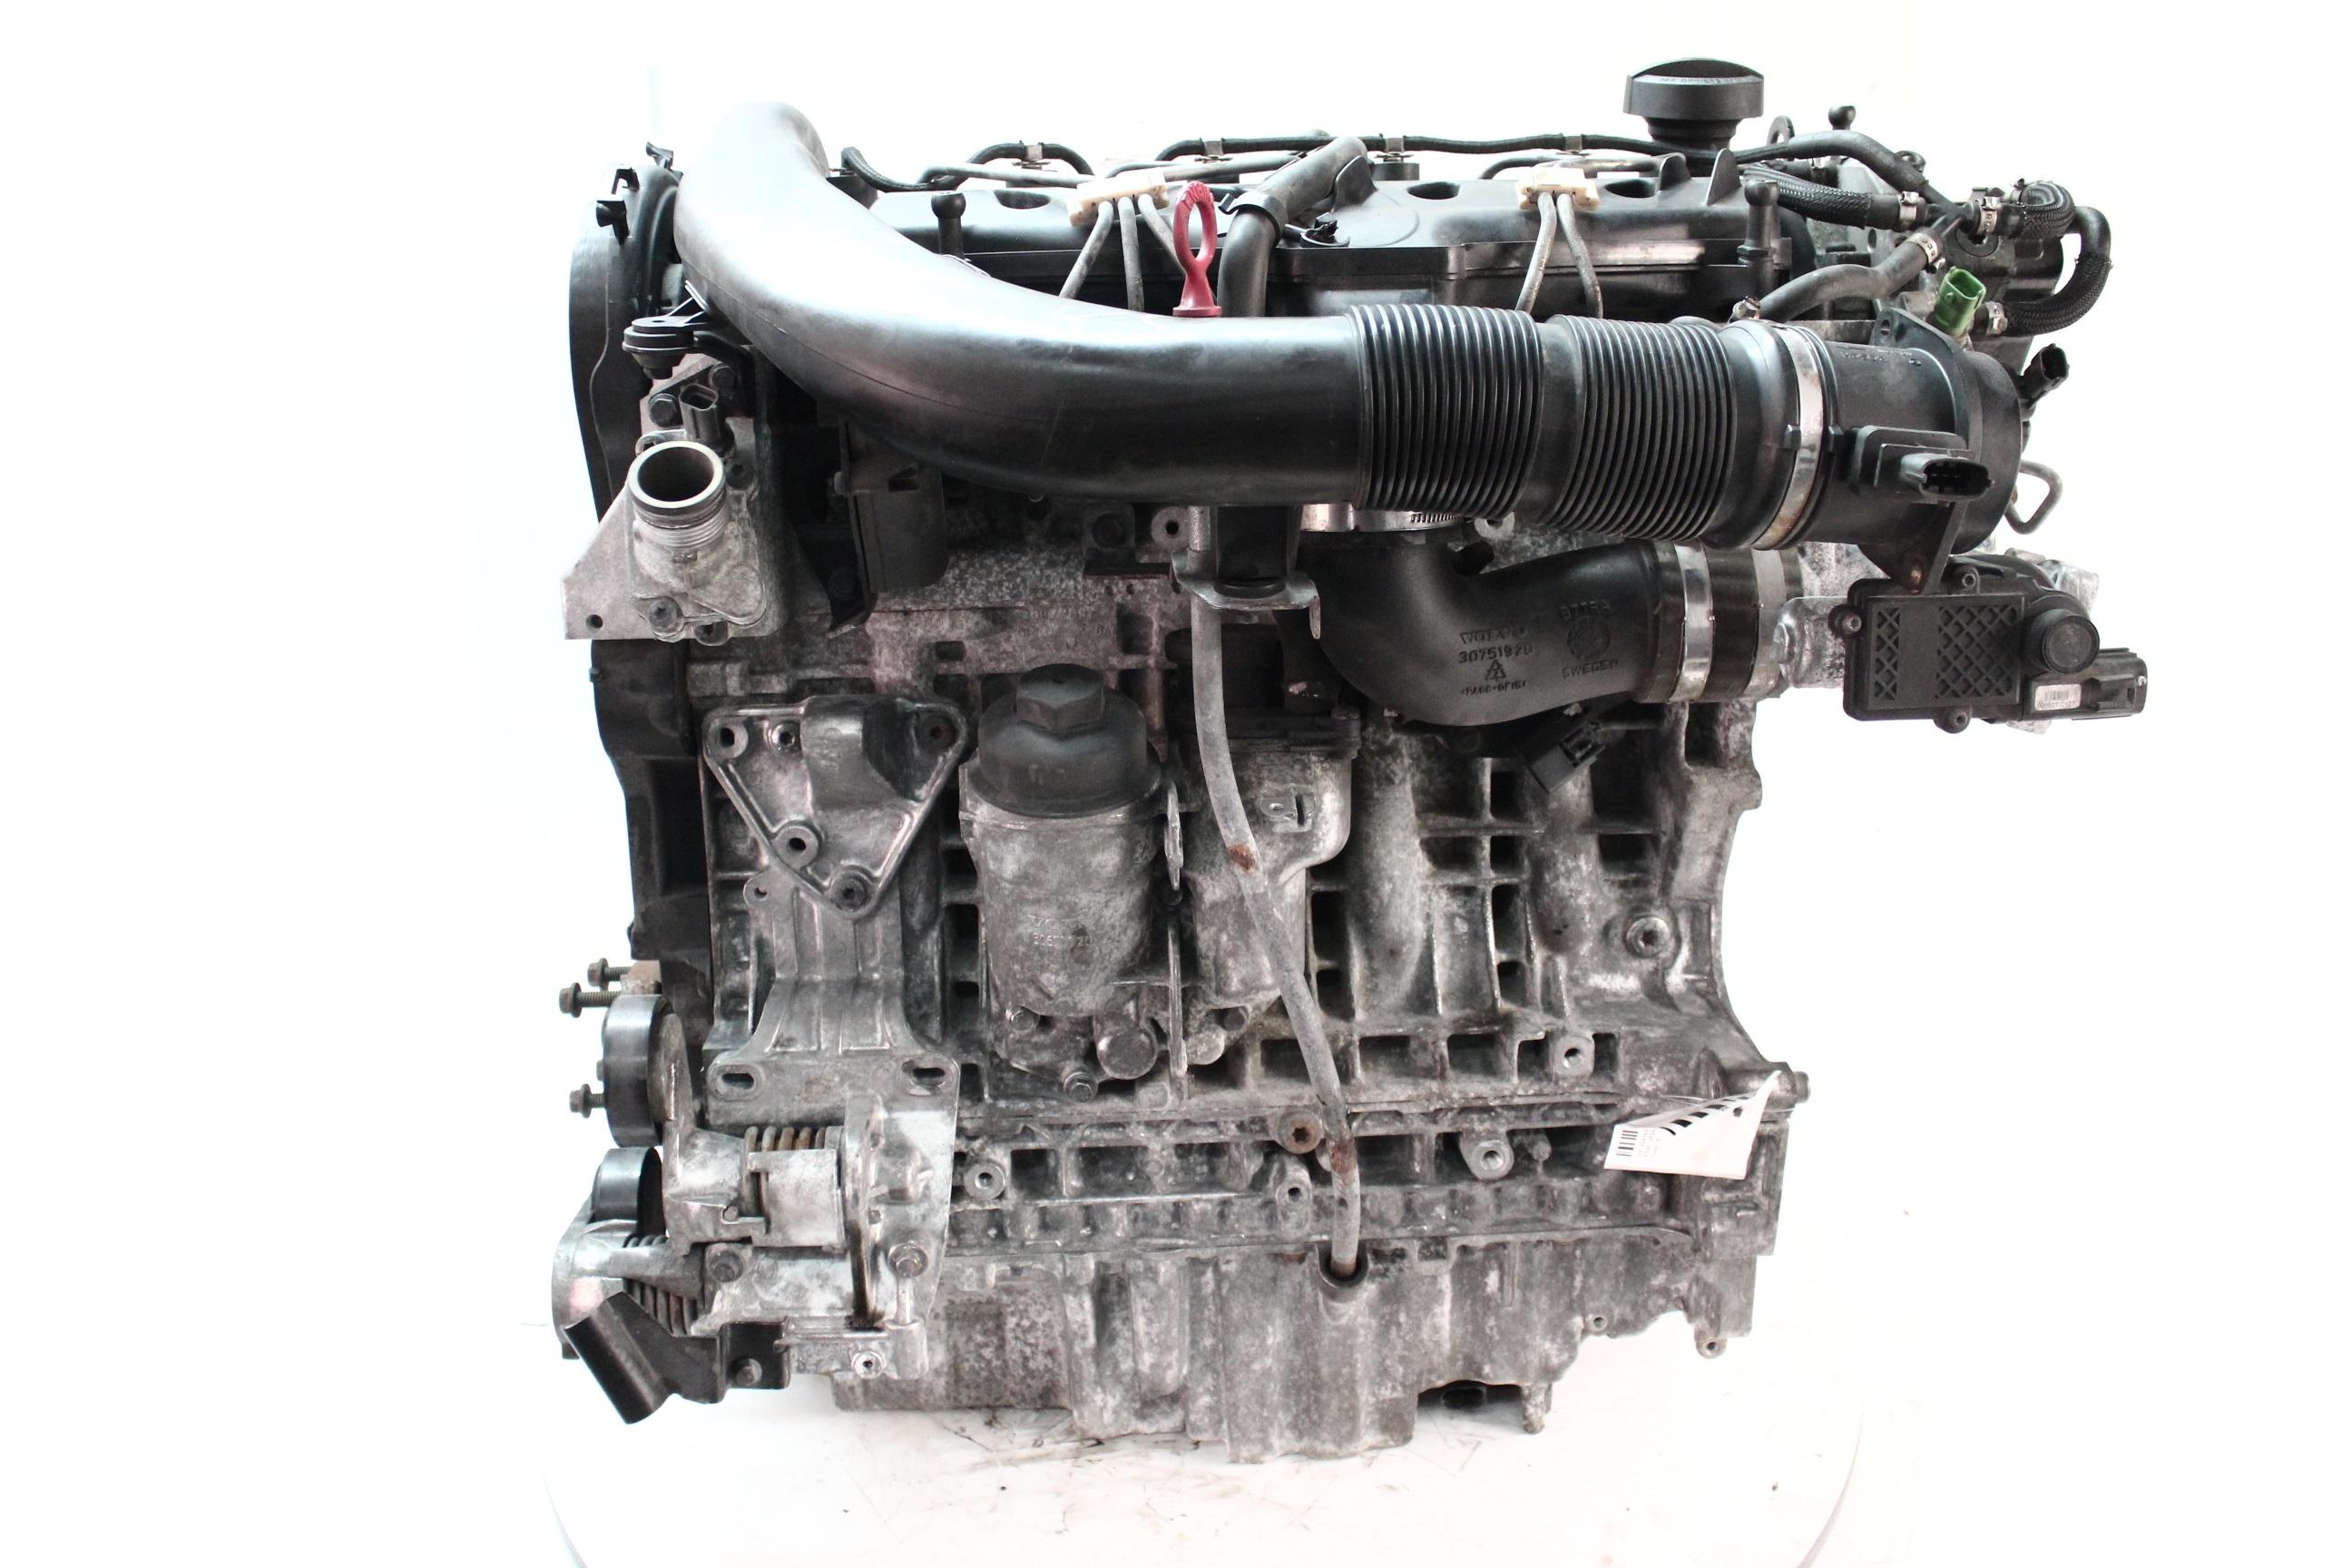 Motor 2009 Volvo C30 C70 S40 V50 2,4 D5 Diesel D5244T13 mit Anbauteilen